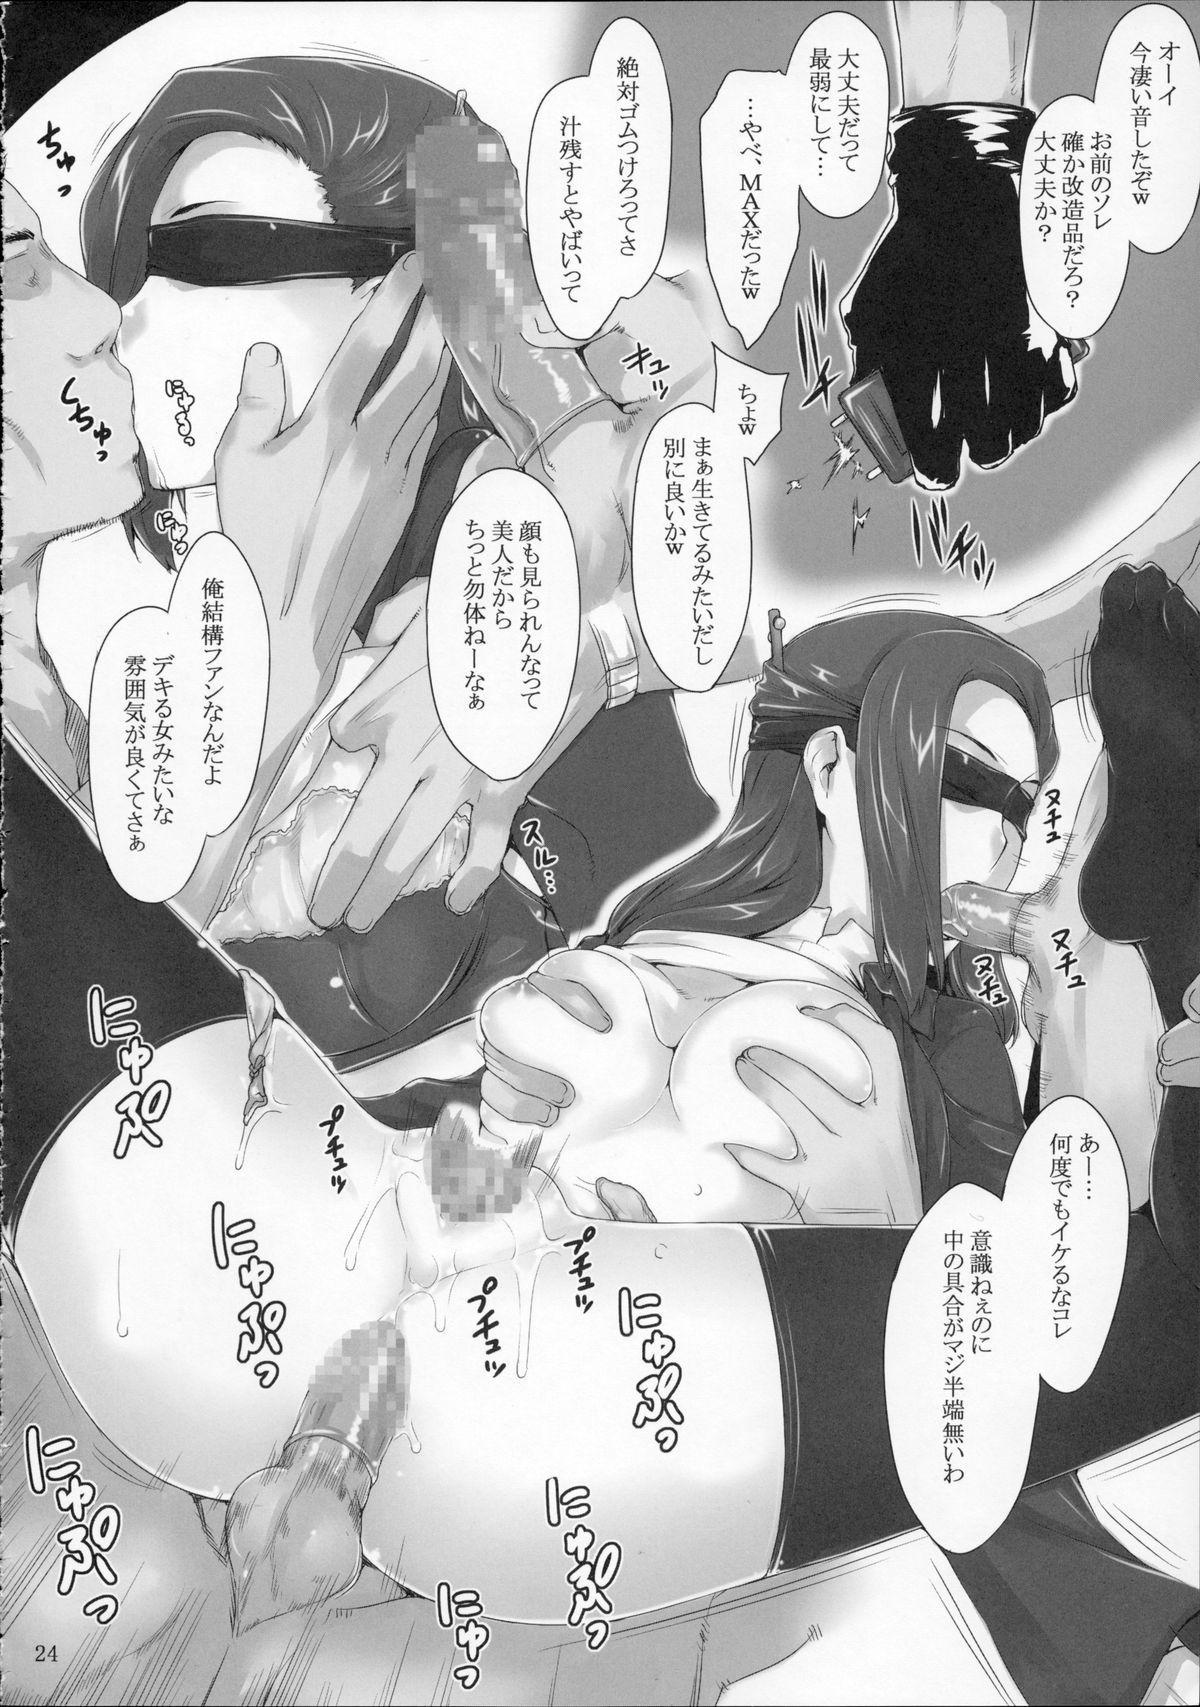 Imin Sendan no Geinou Jijou 22